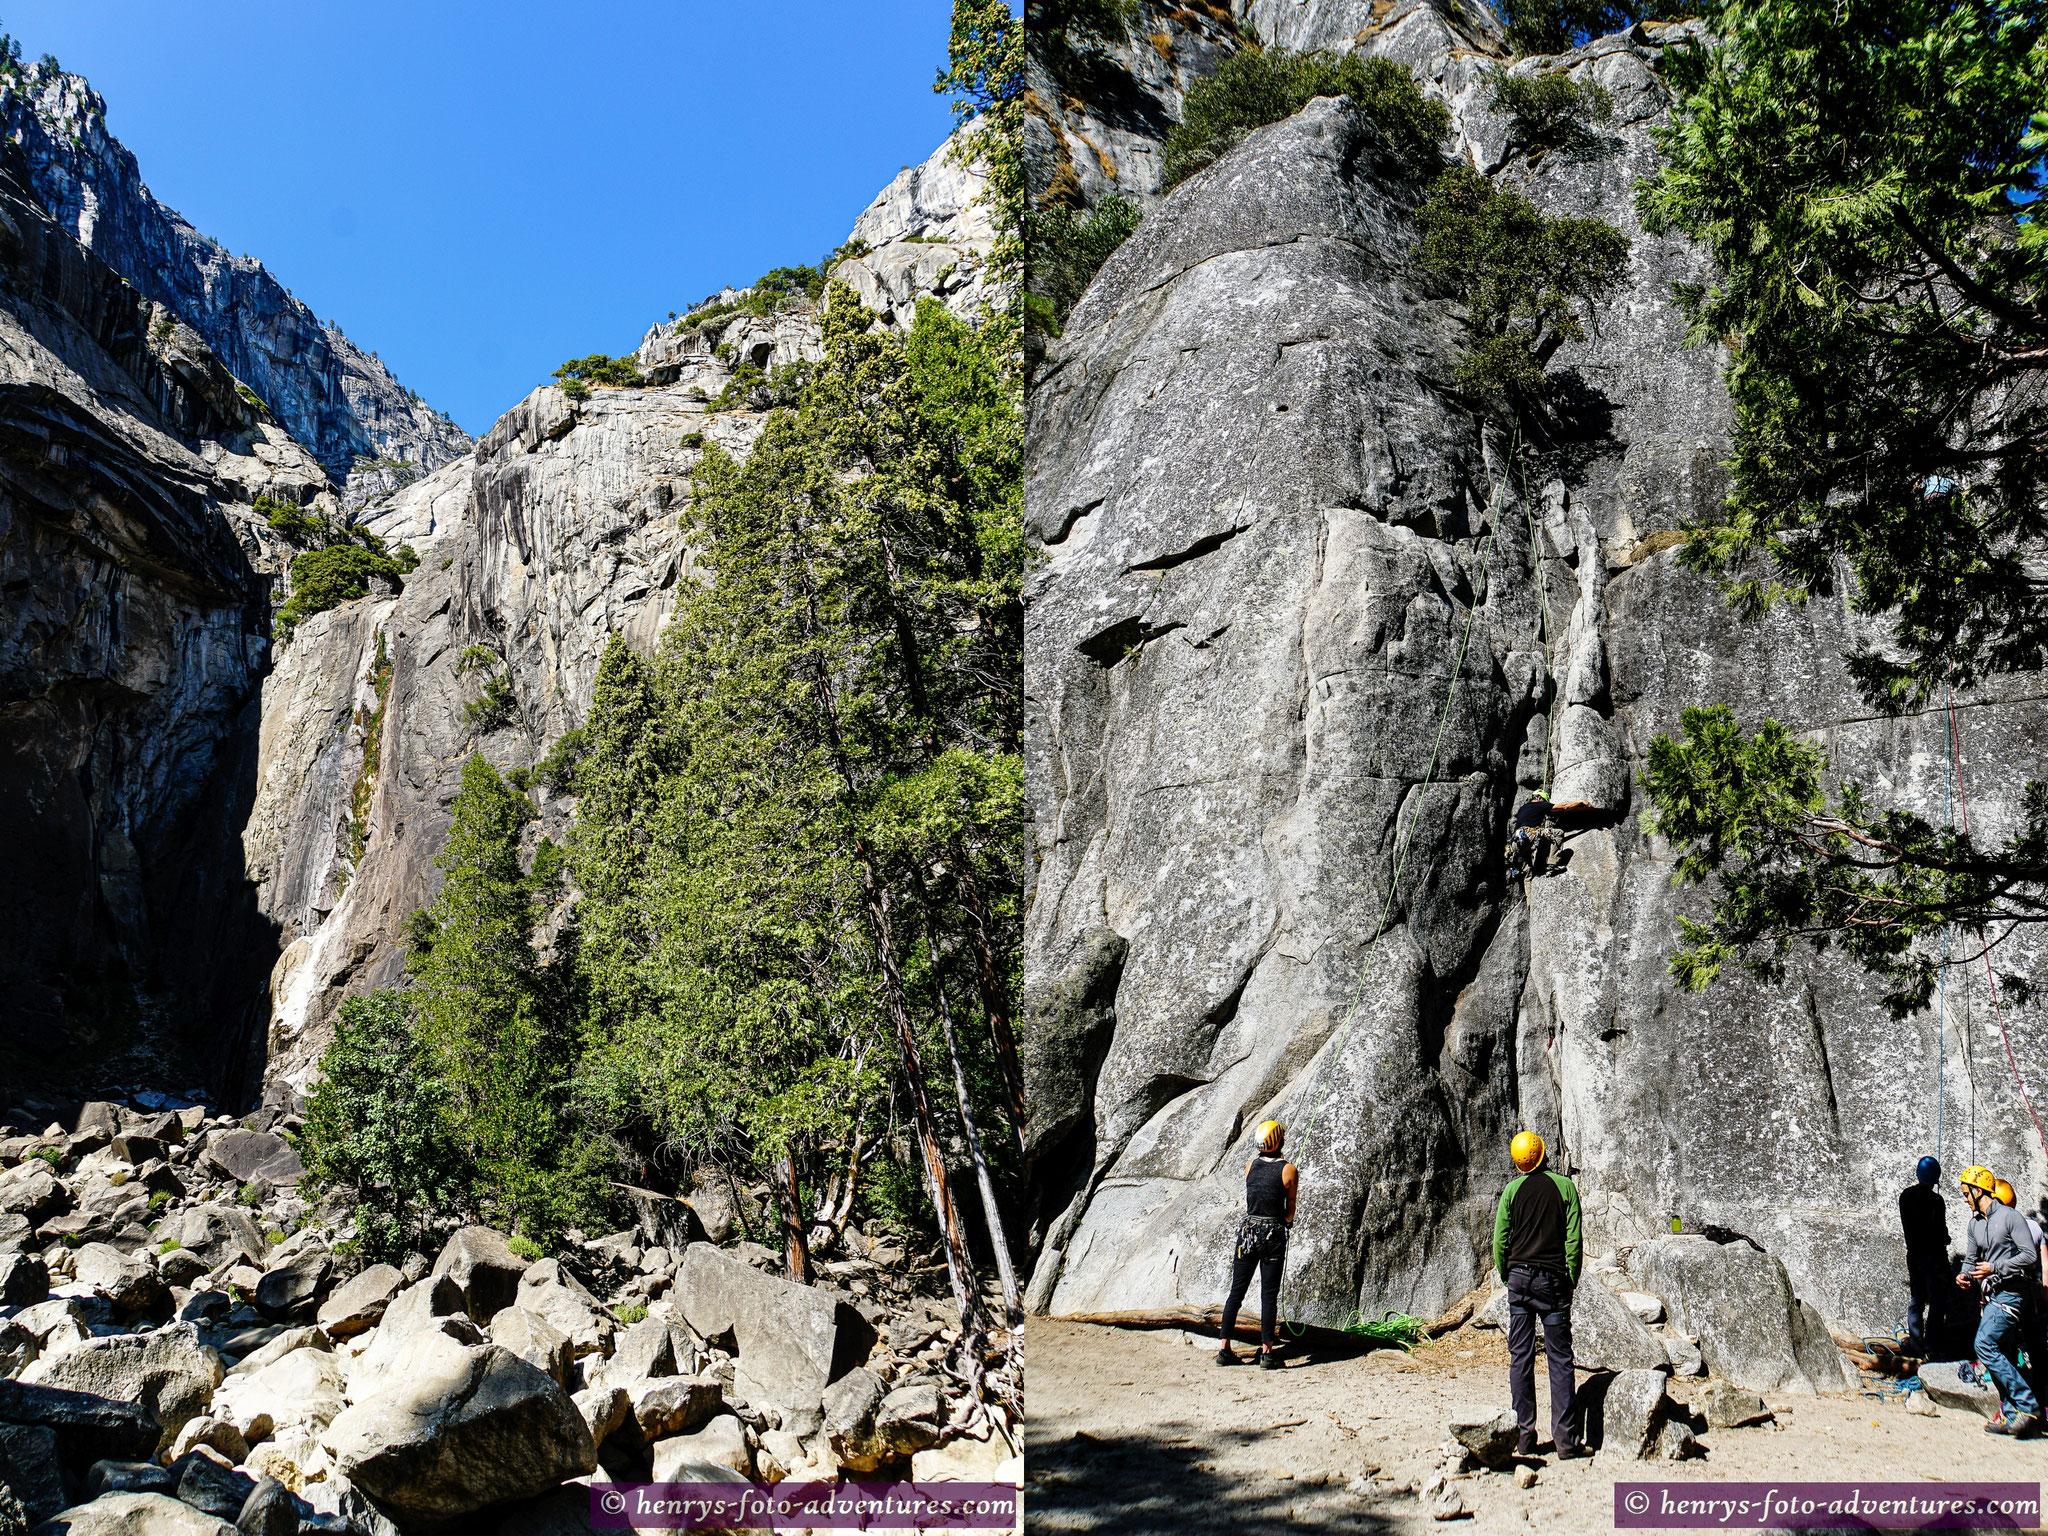 die Steinwände sind bei Kletterern sehr beliebt